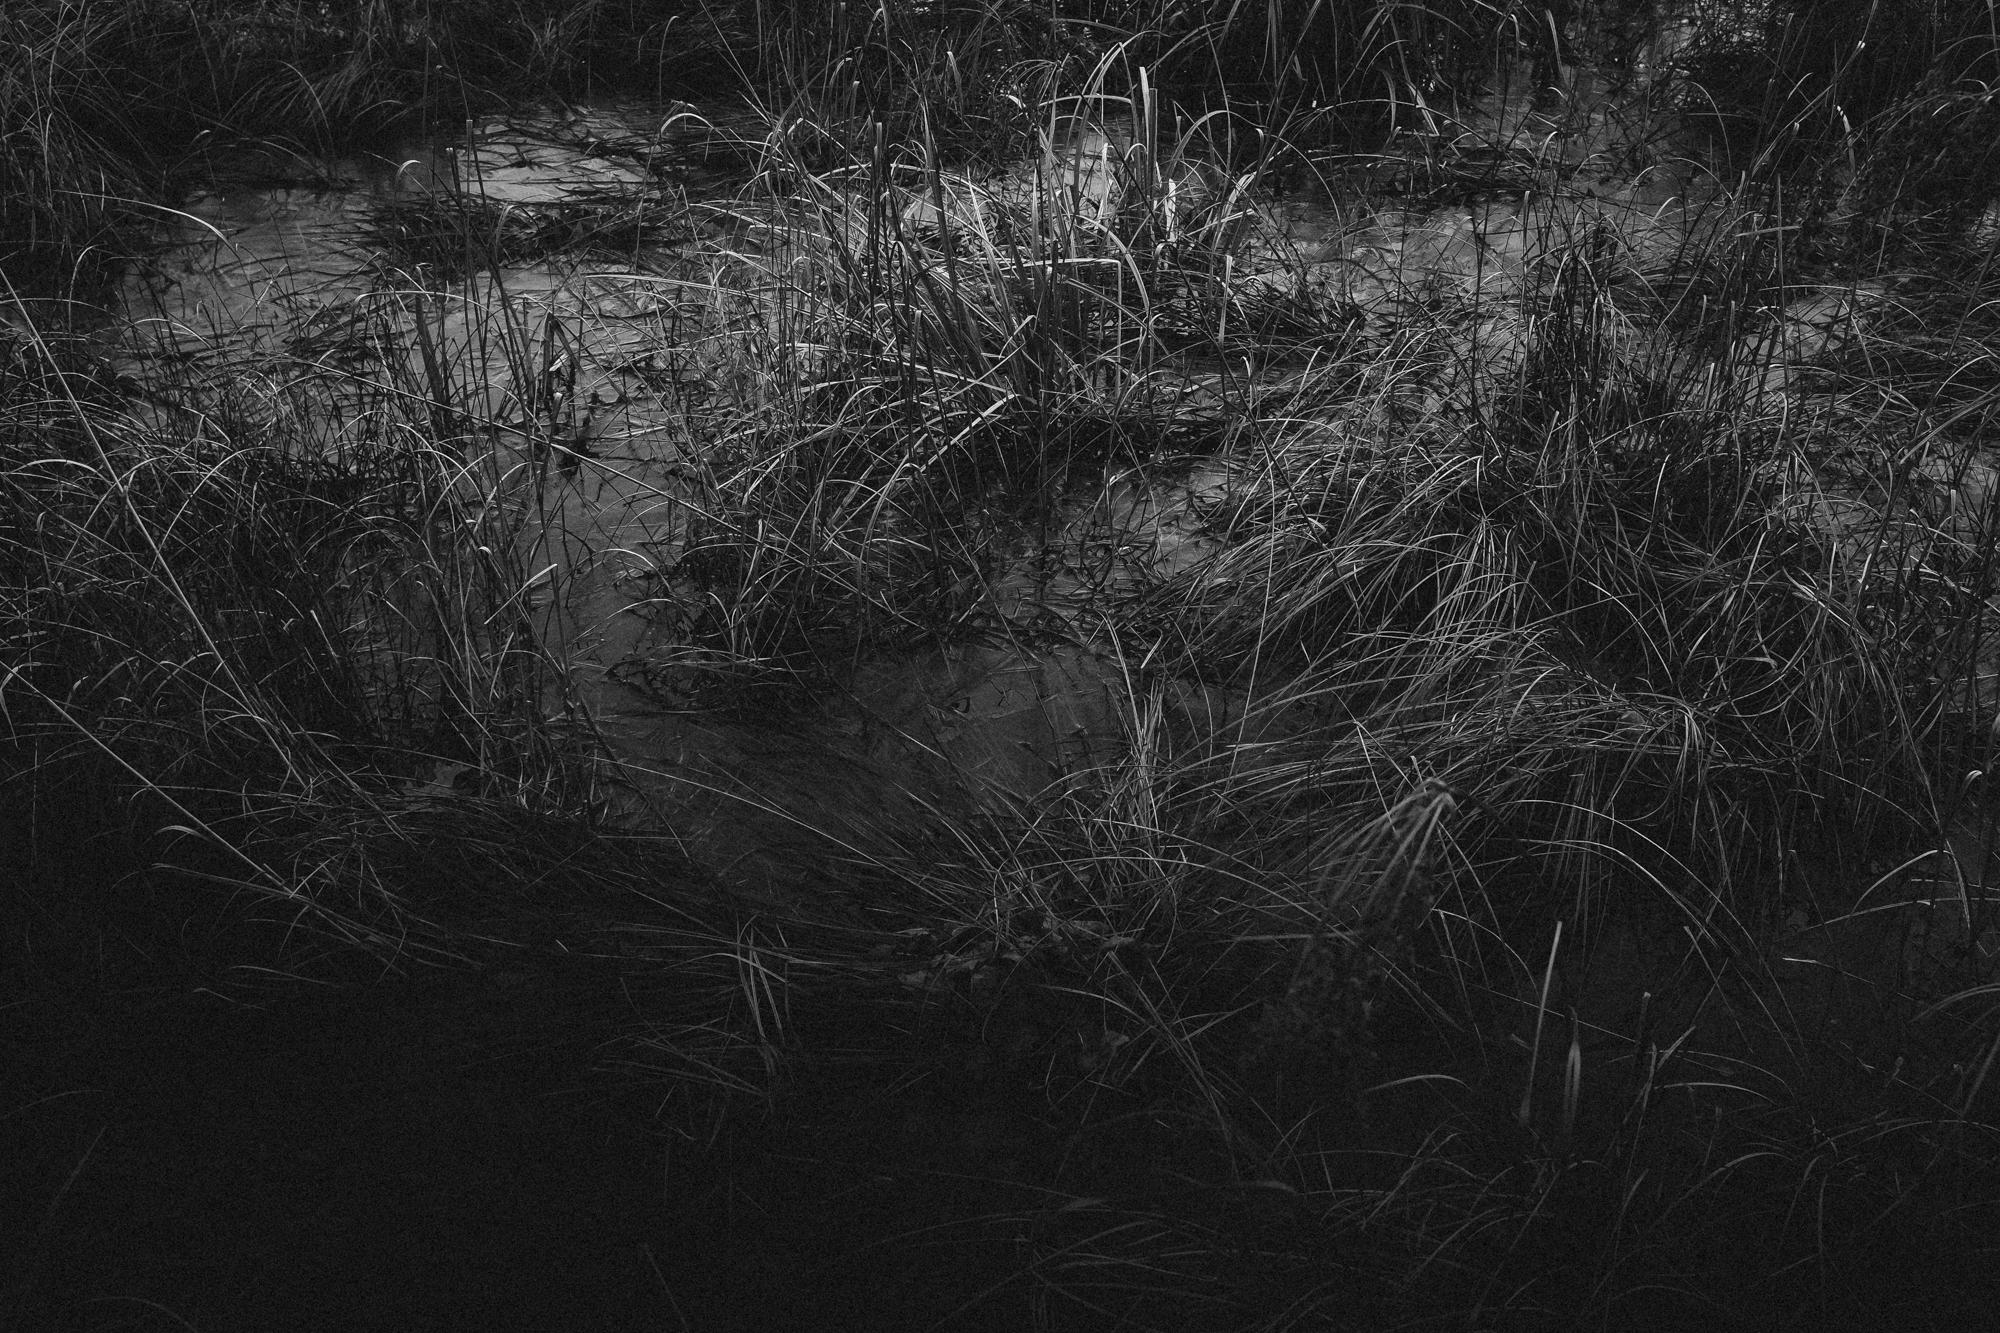 amherstfields-72.jpg